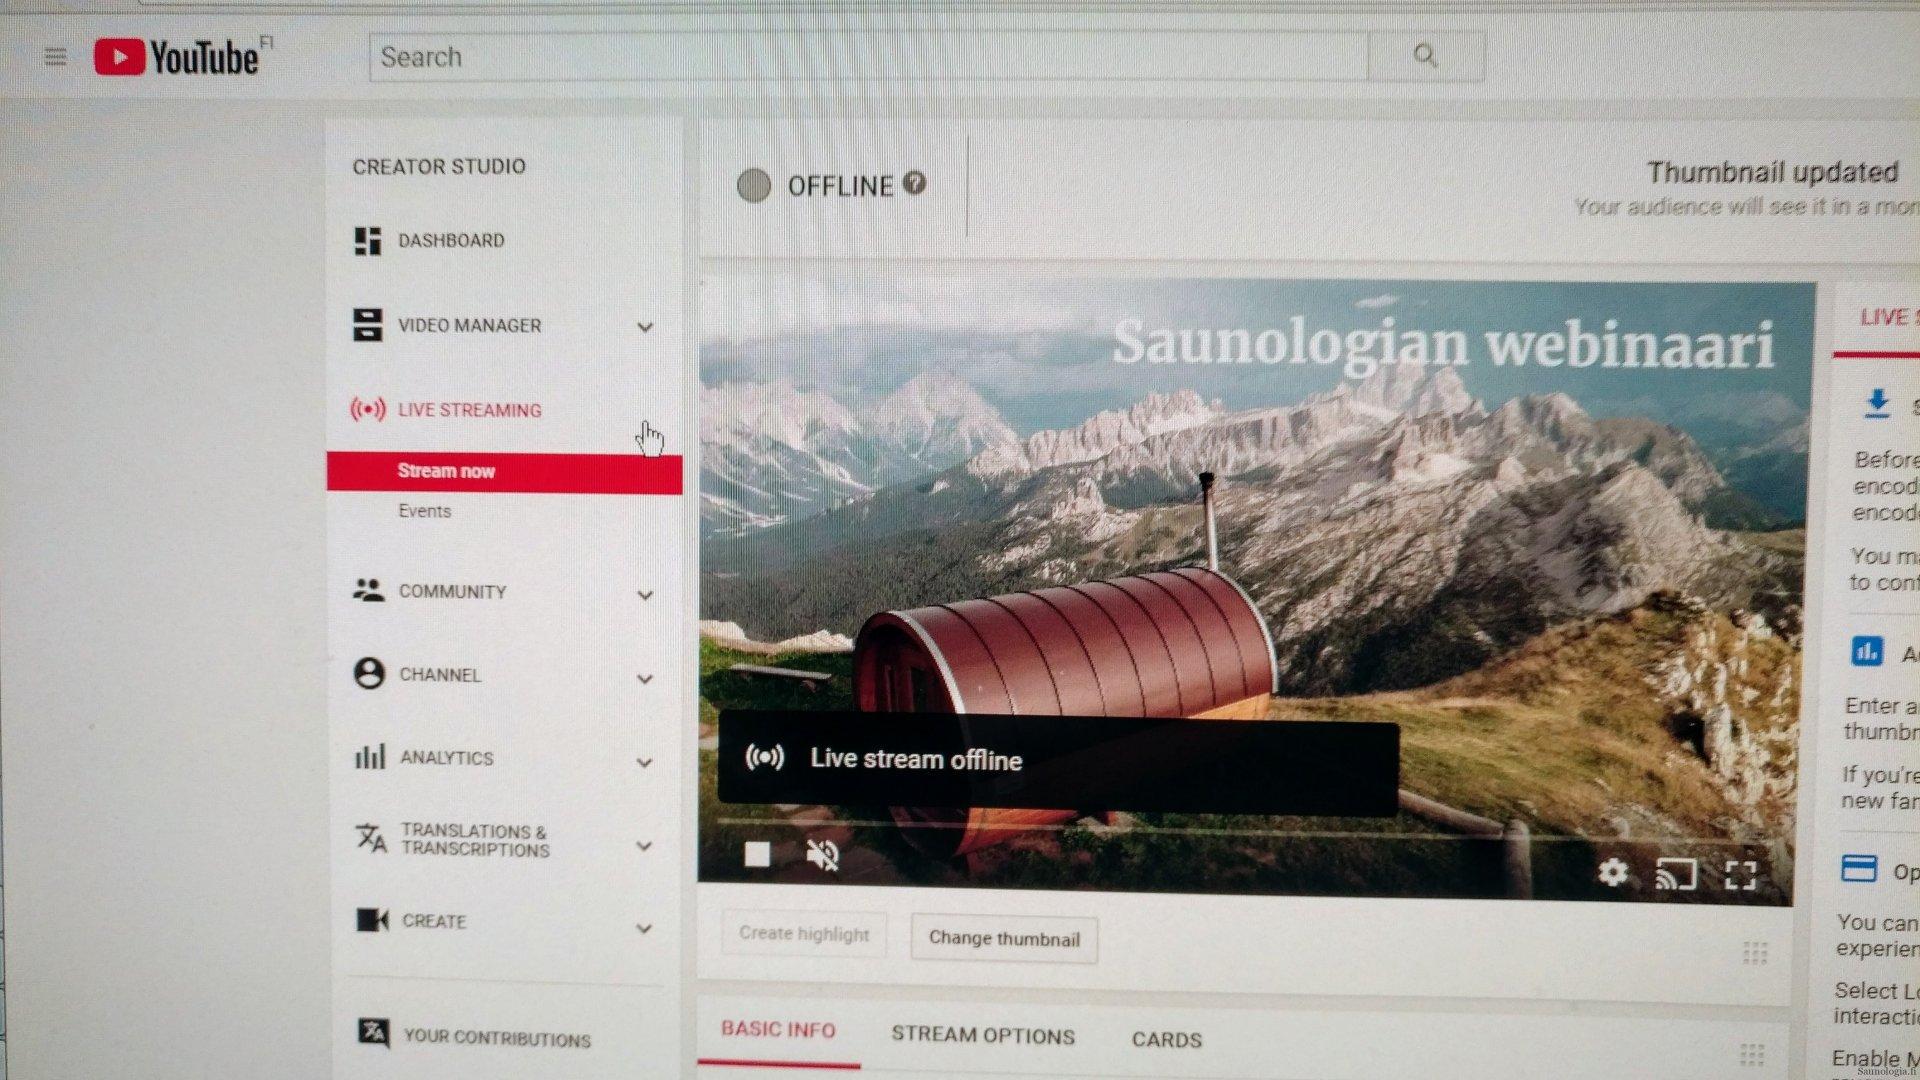 Saunologian sauna-aiheinen webinaari